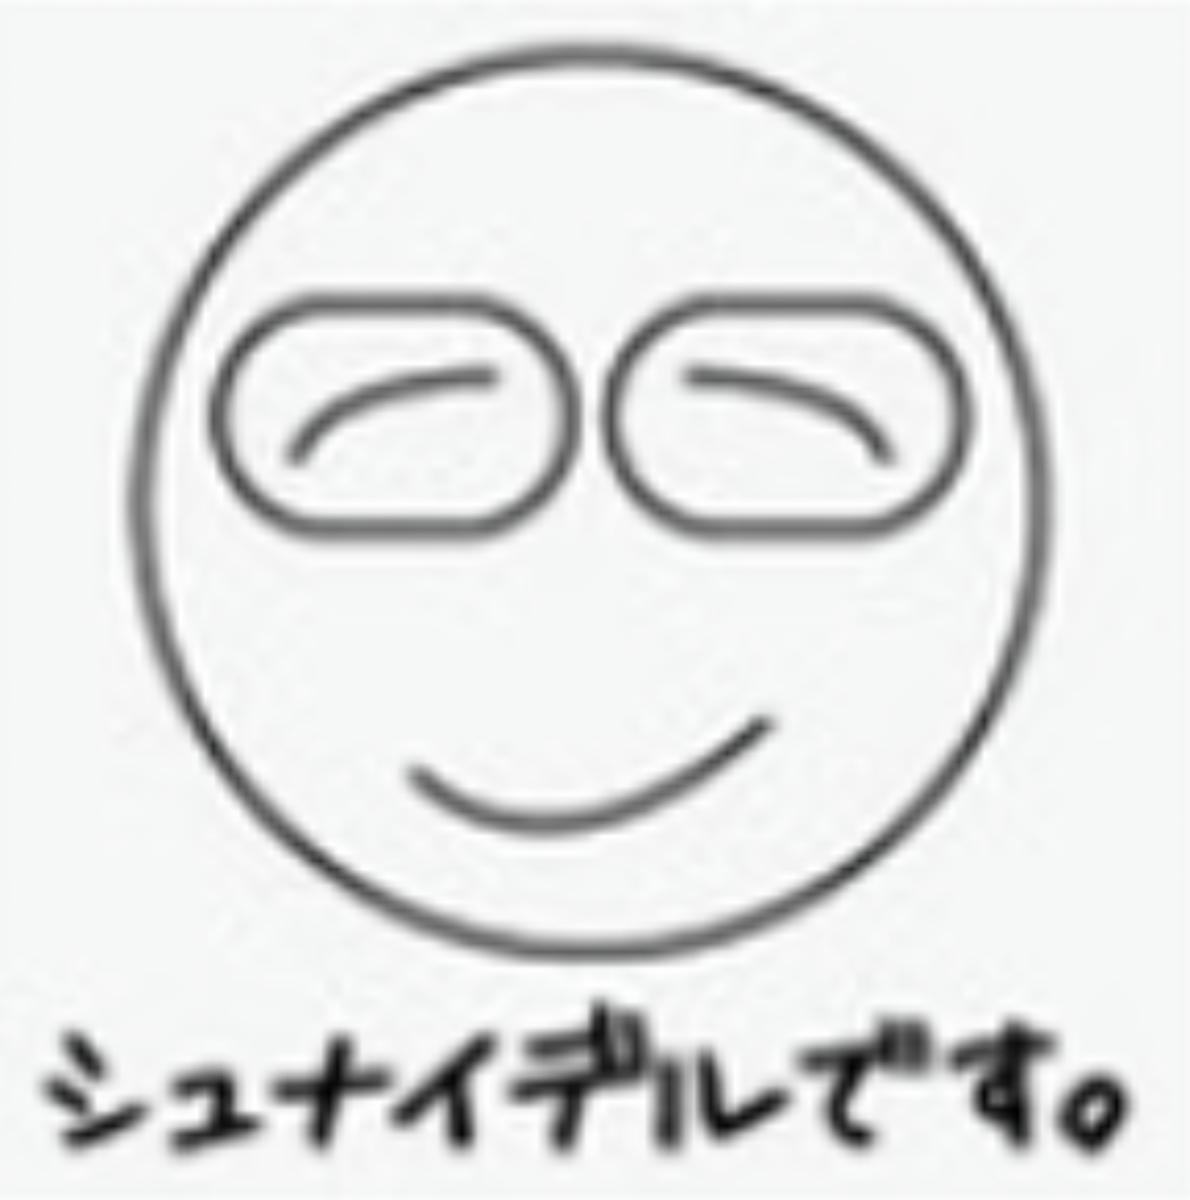 スクリーンショット 2021-01-31 10.50.59